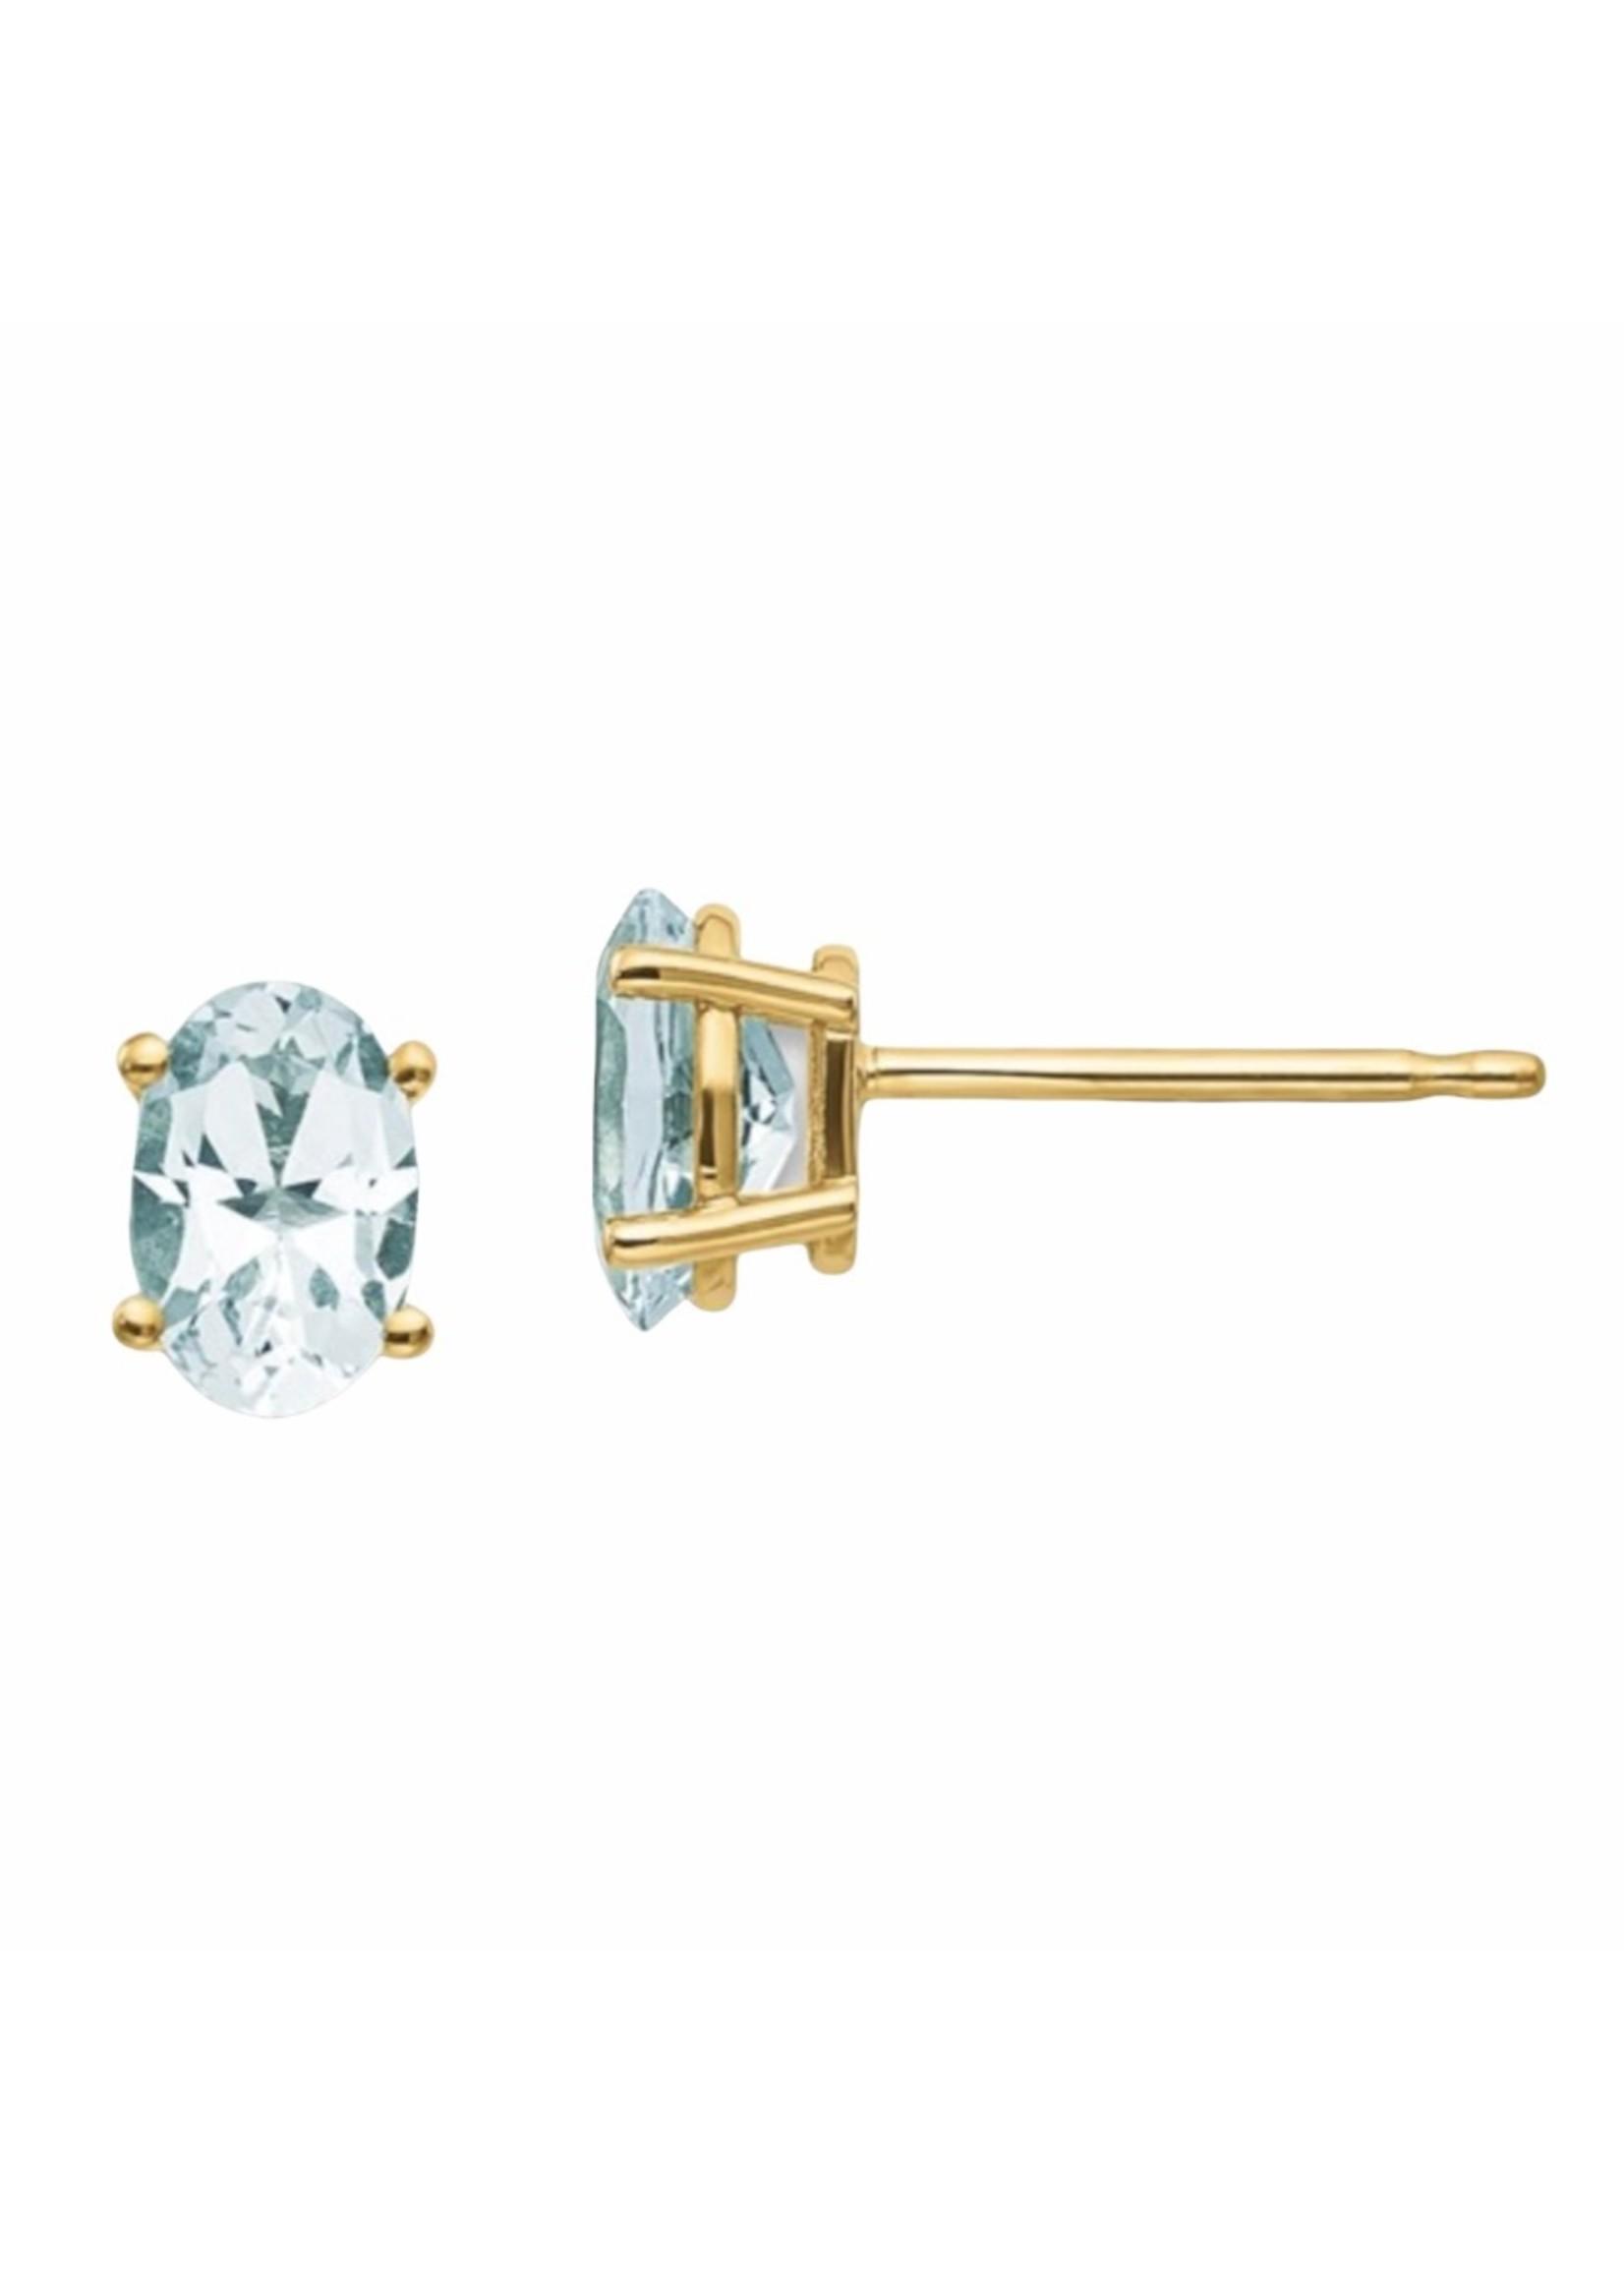 Jill Alberts Aquamarine Stud Earrings